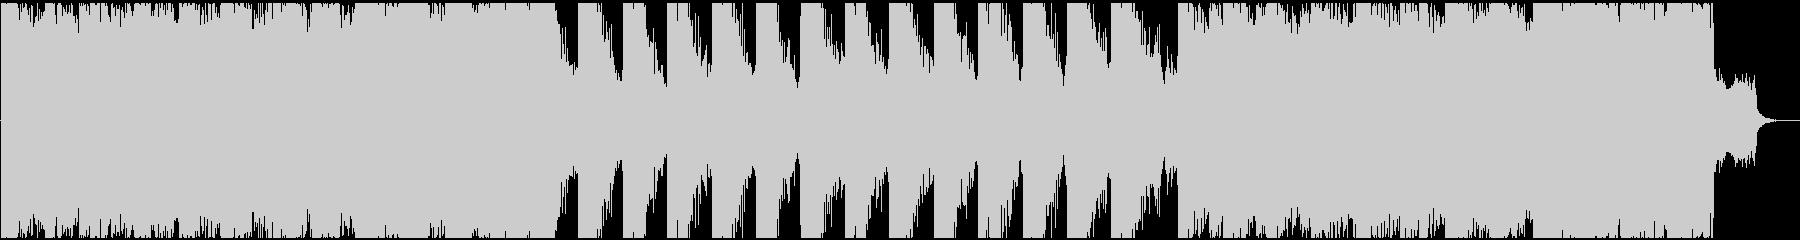 重厚でシネマティックなエピックトレーラーの未再生の波形